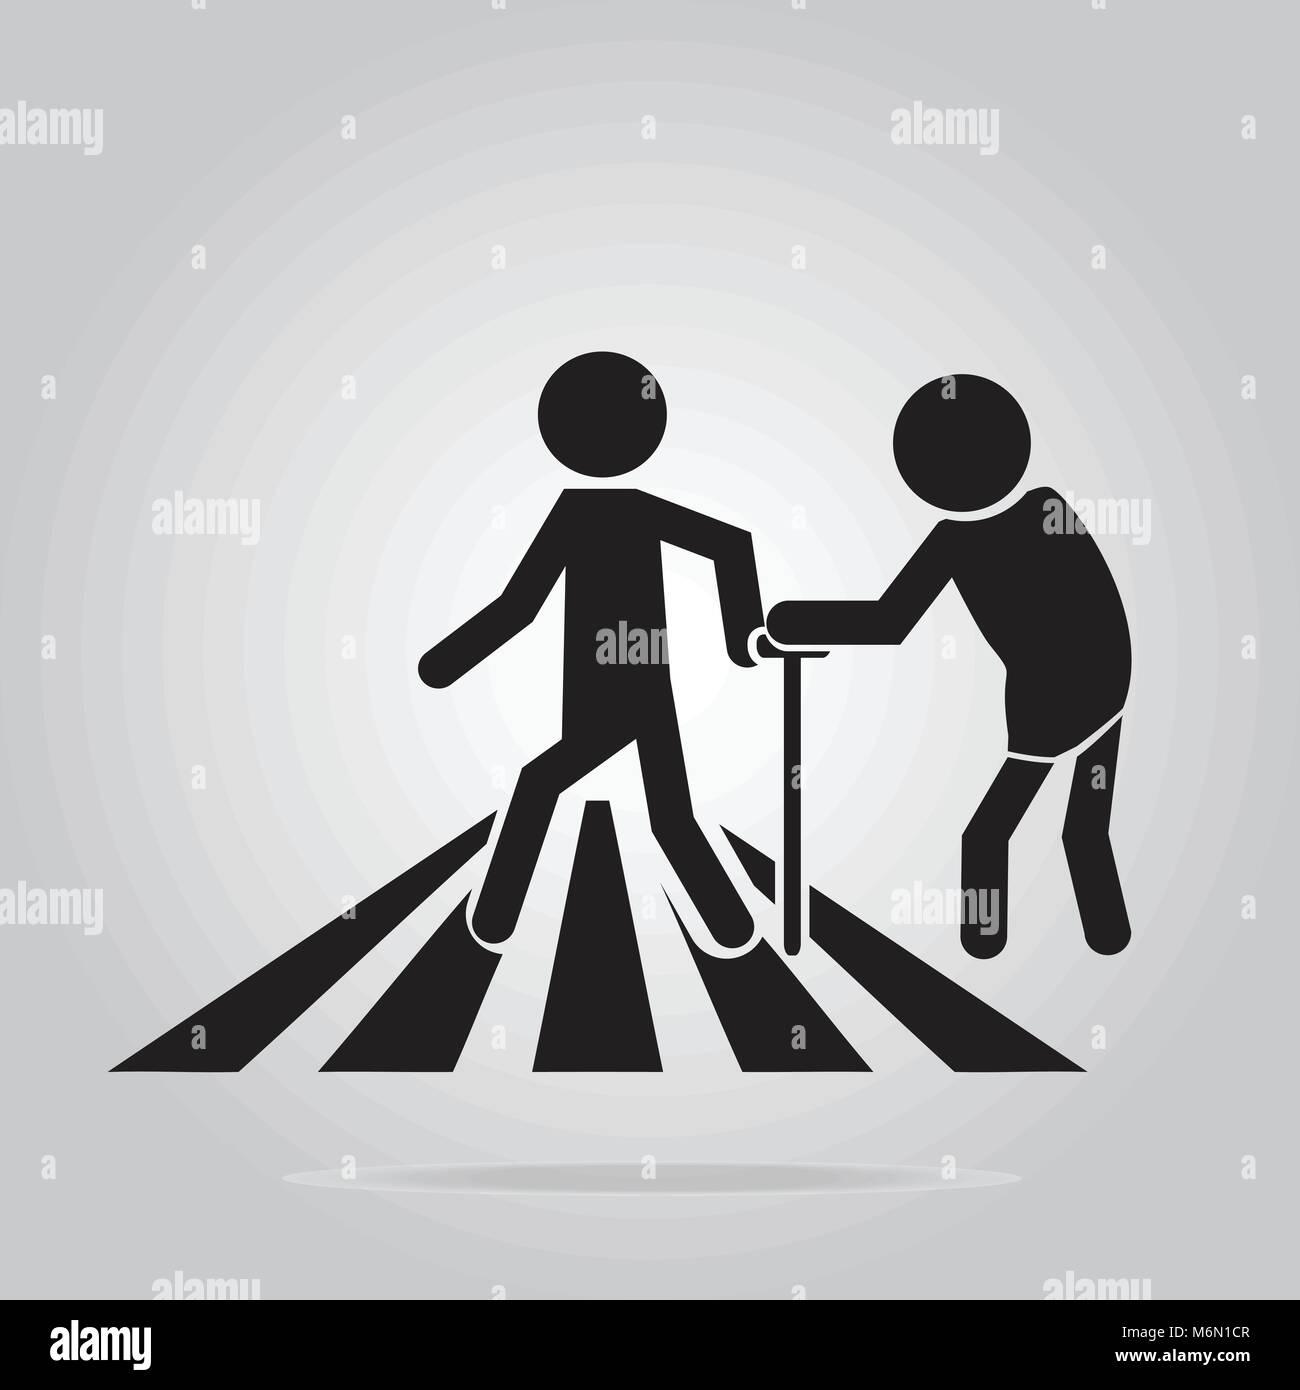 pedestrian crossing sign, elderly crossing road sign vector illustration - Stock Vector